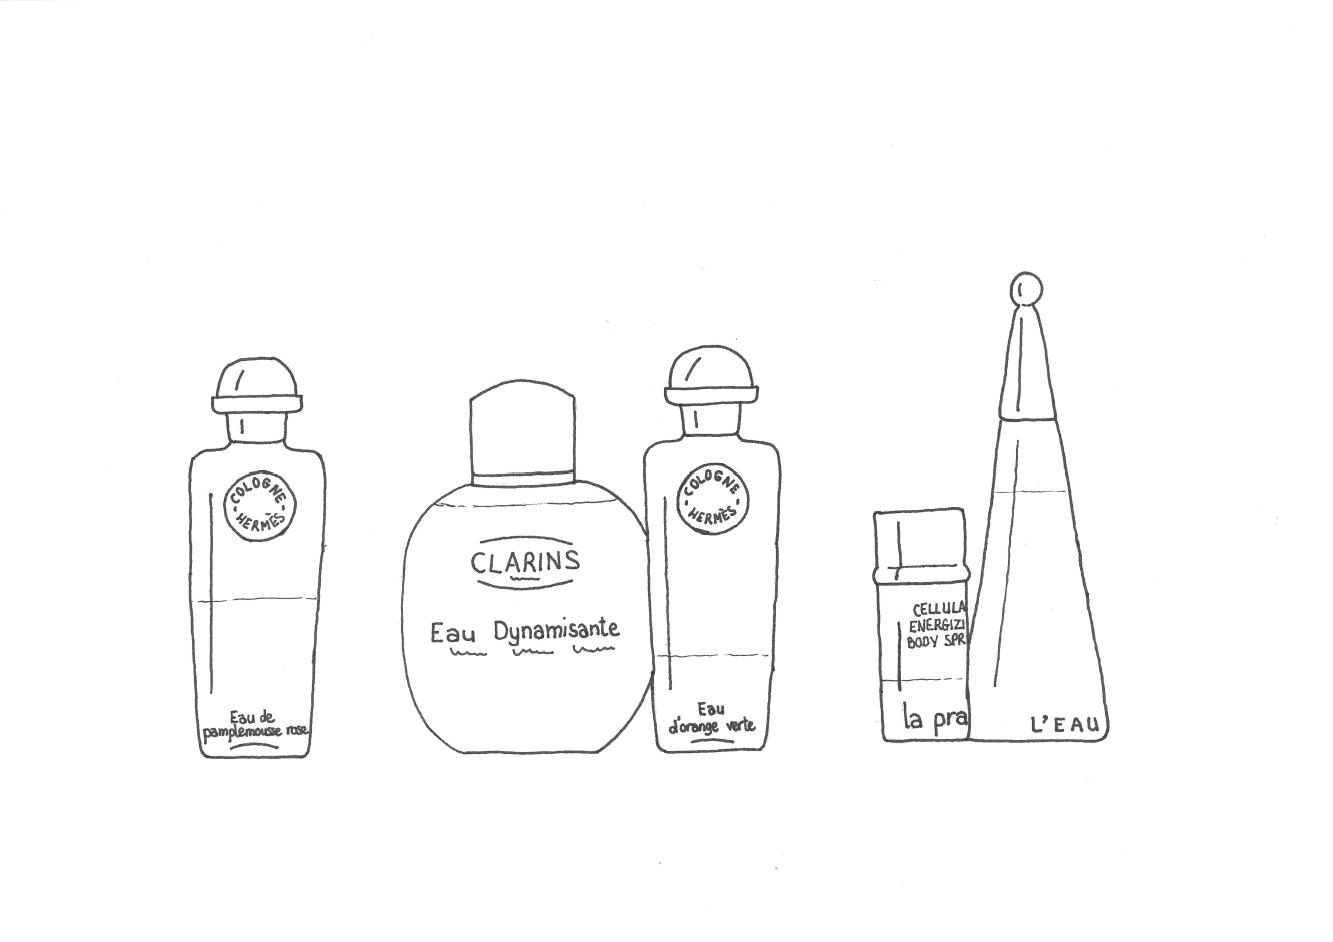 Flacon Dessiner UnFlacons UnFlacons Flacon De Flacon De ParfumComment De ParfumComment Dessiner ParfumComment Dessiner n08NwPZOkX